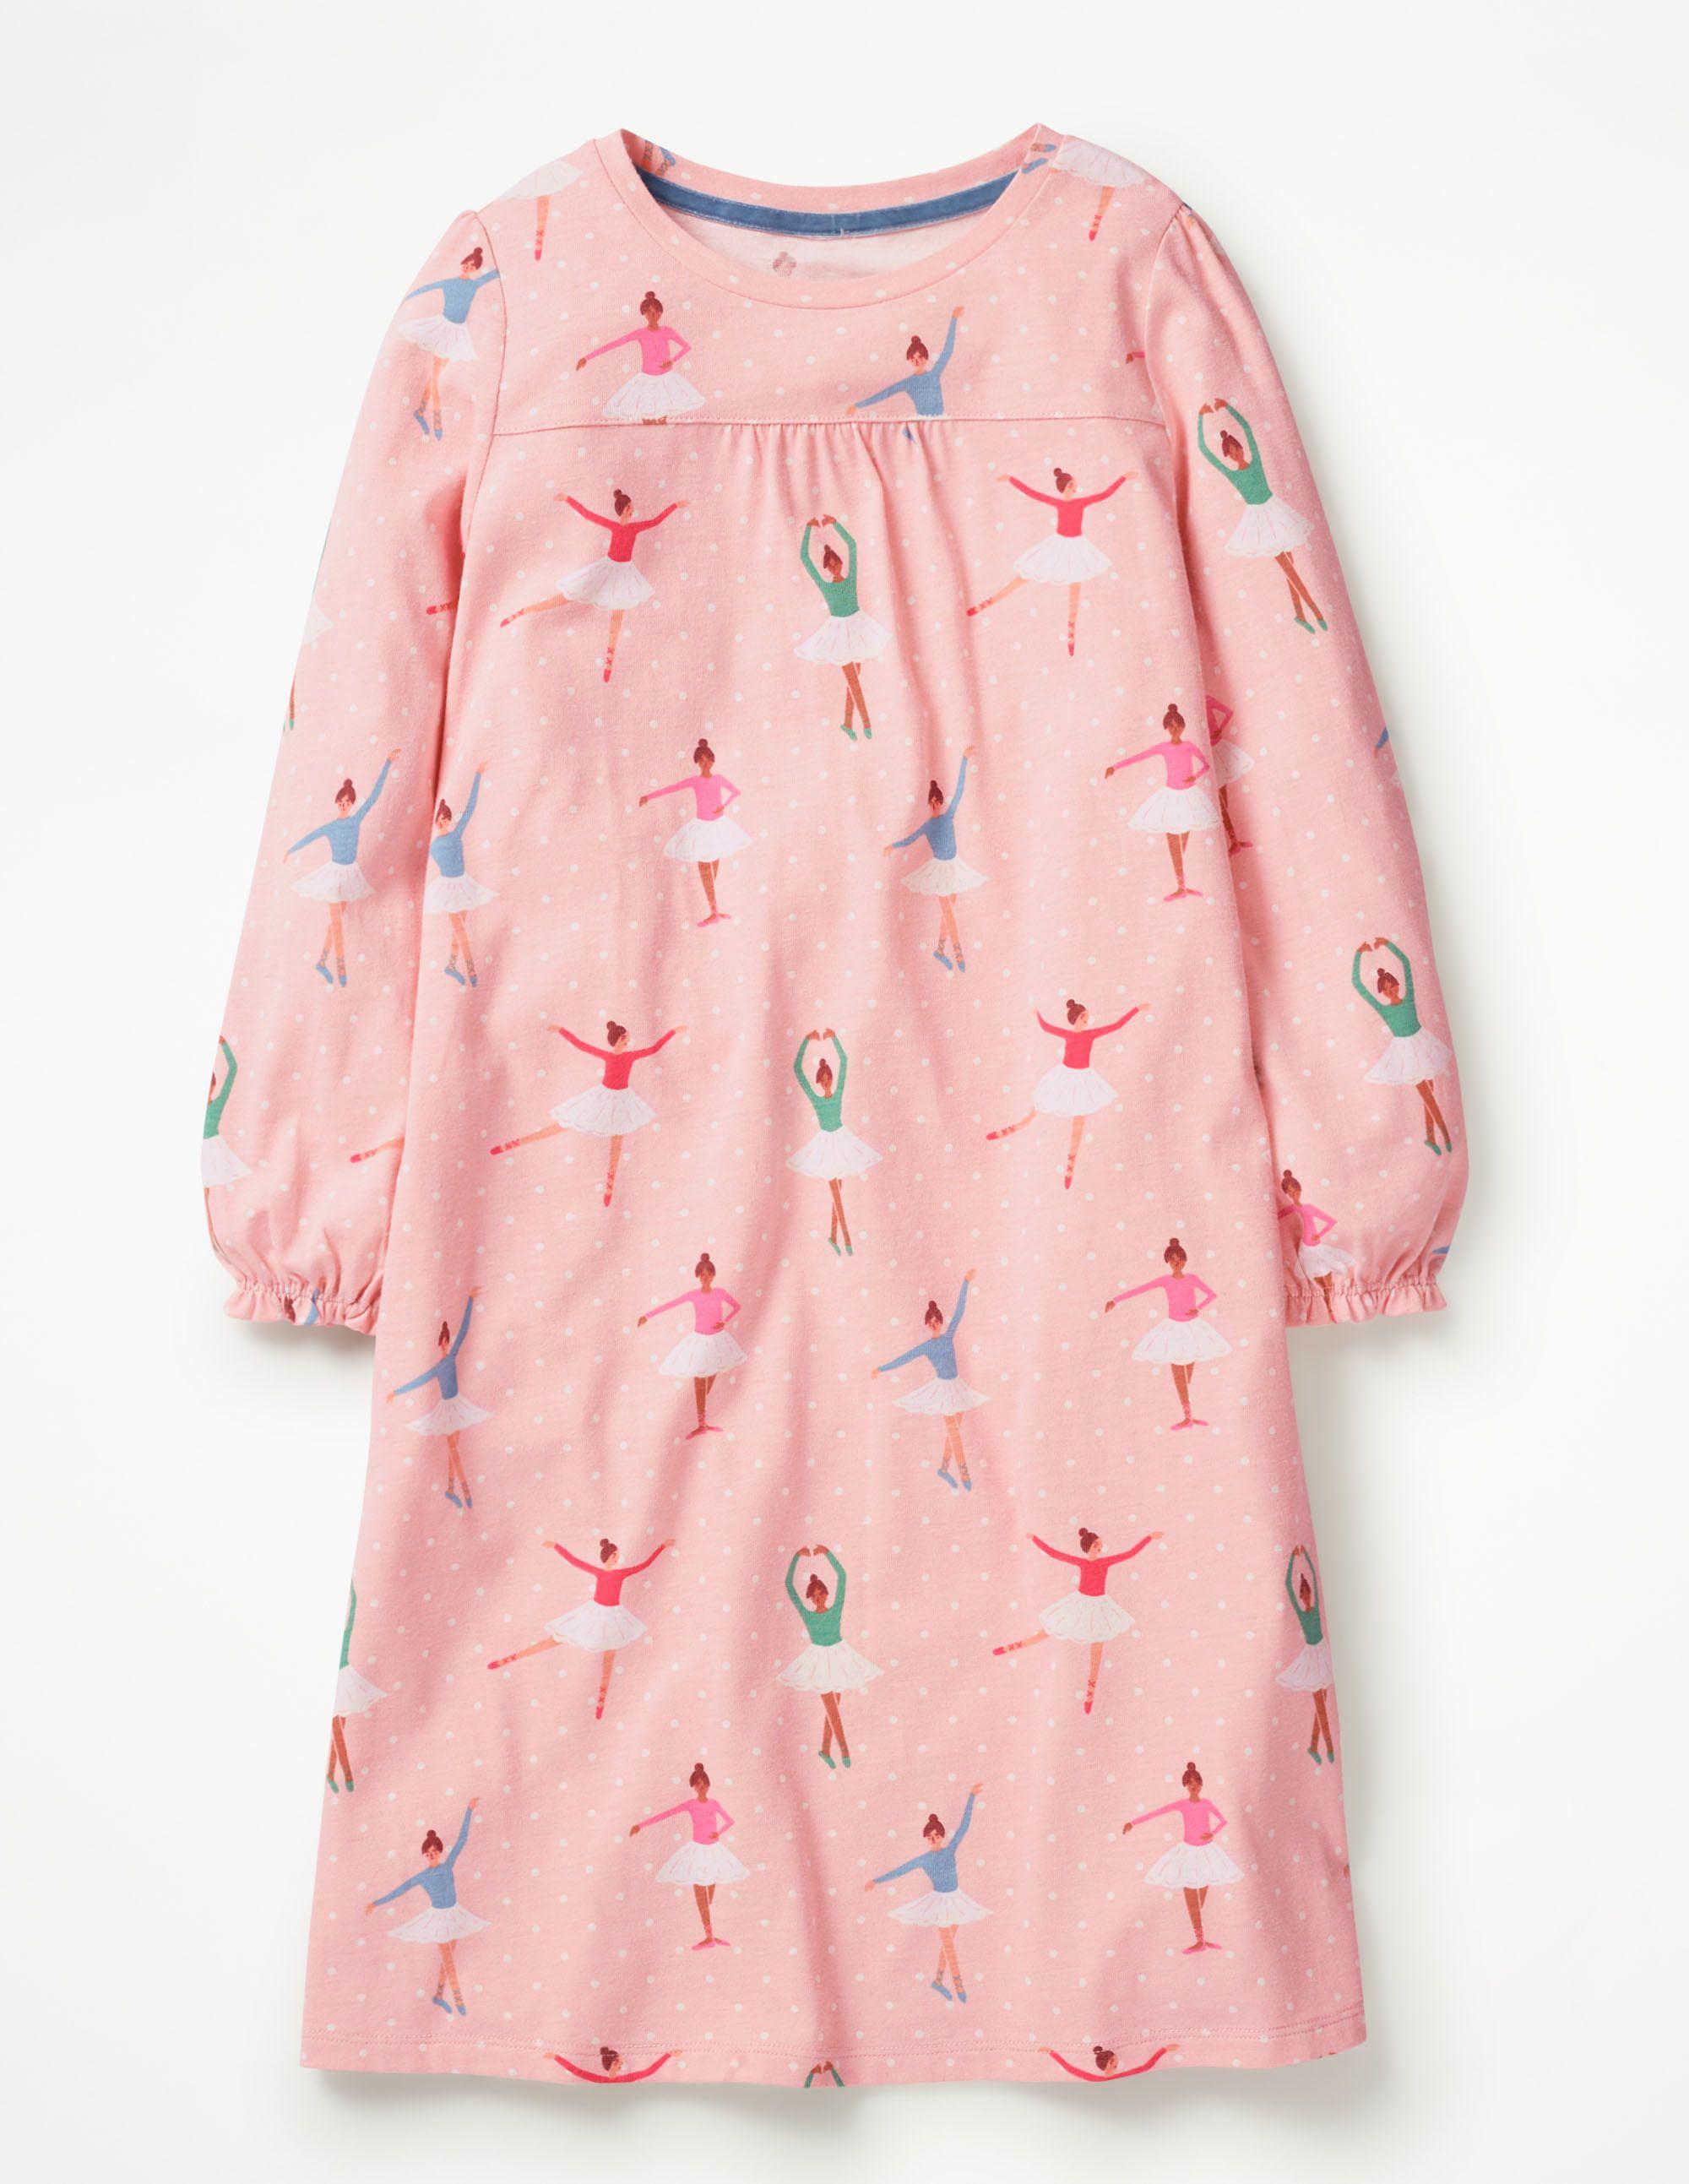 f5feef46582 Printed Nightgown G0723 Nightwear at Boden Пыльно Розовый